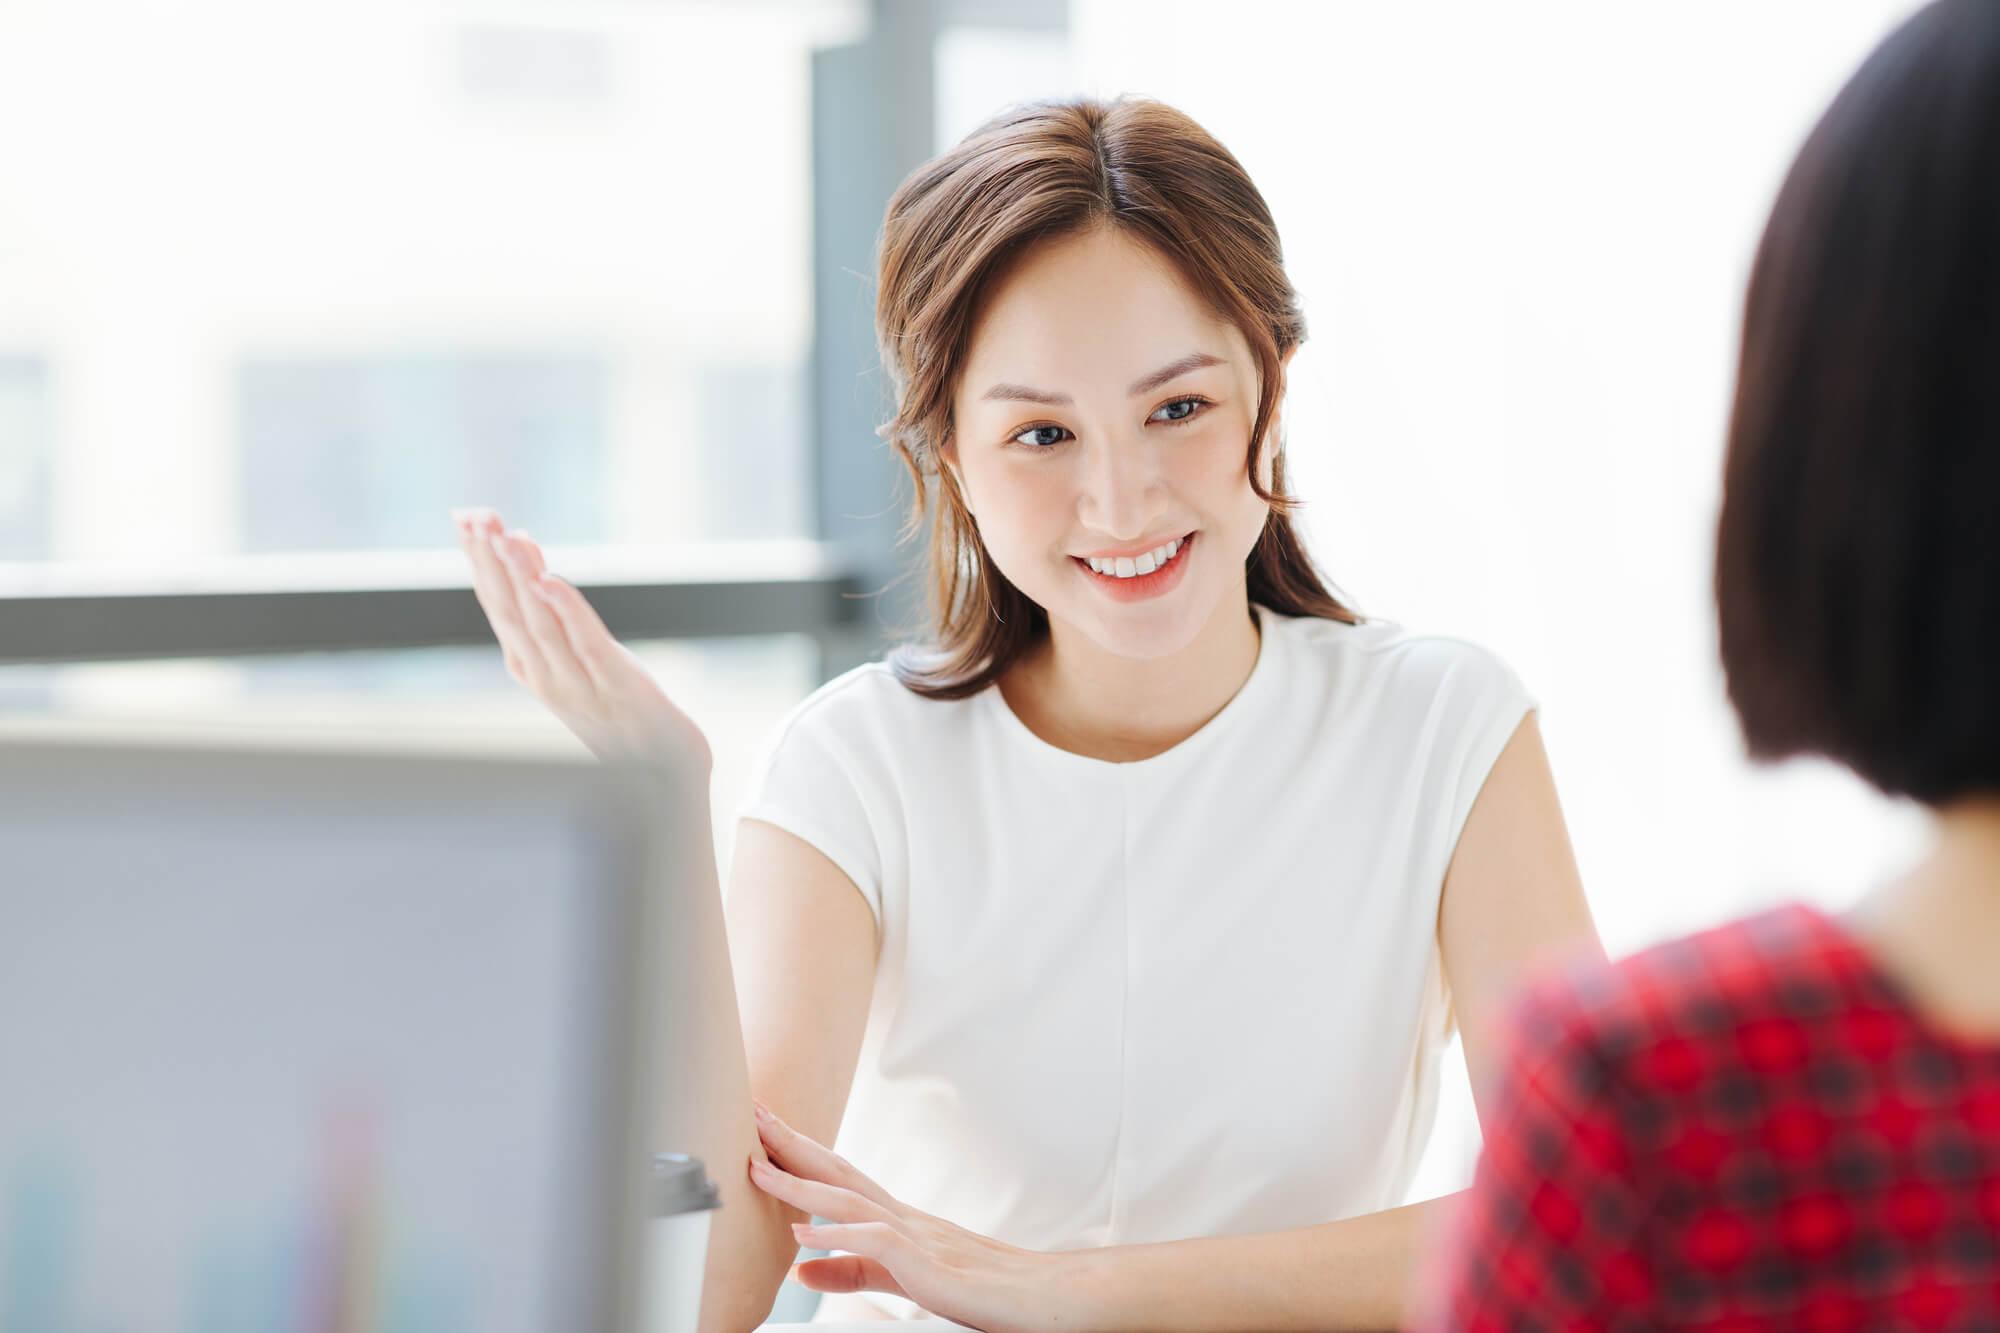 クライアントから様々な悩みや問題を相談される女性カウンセラー